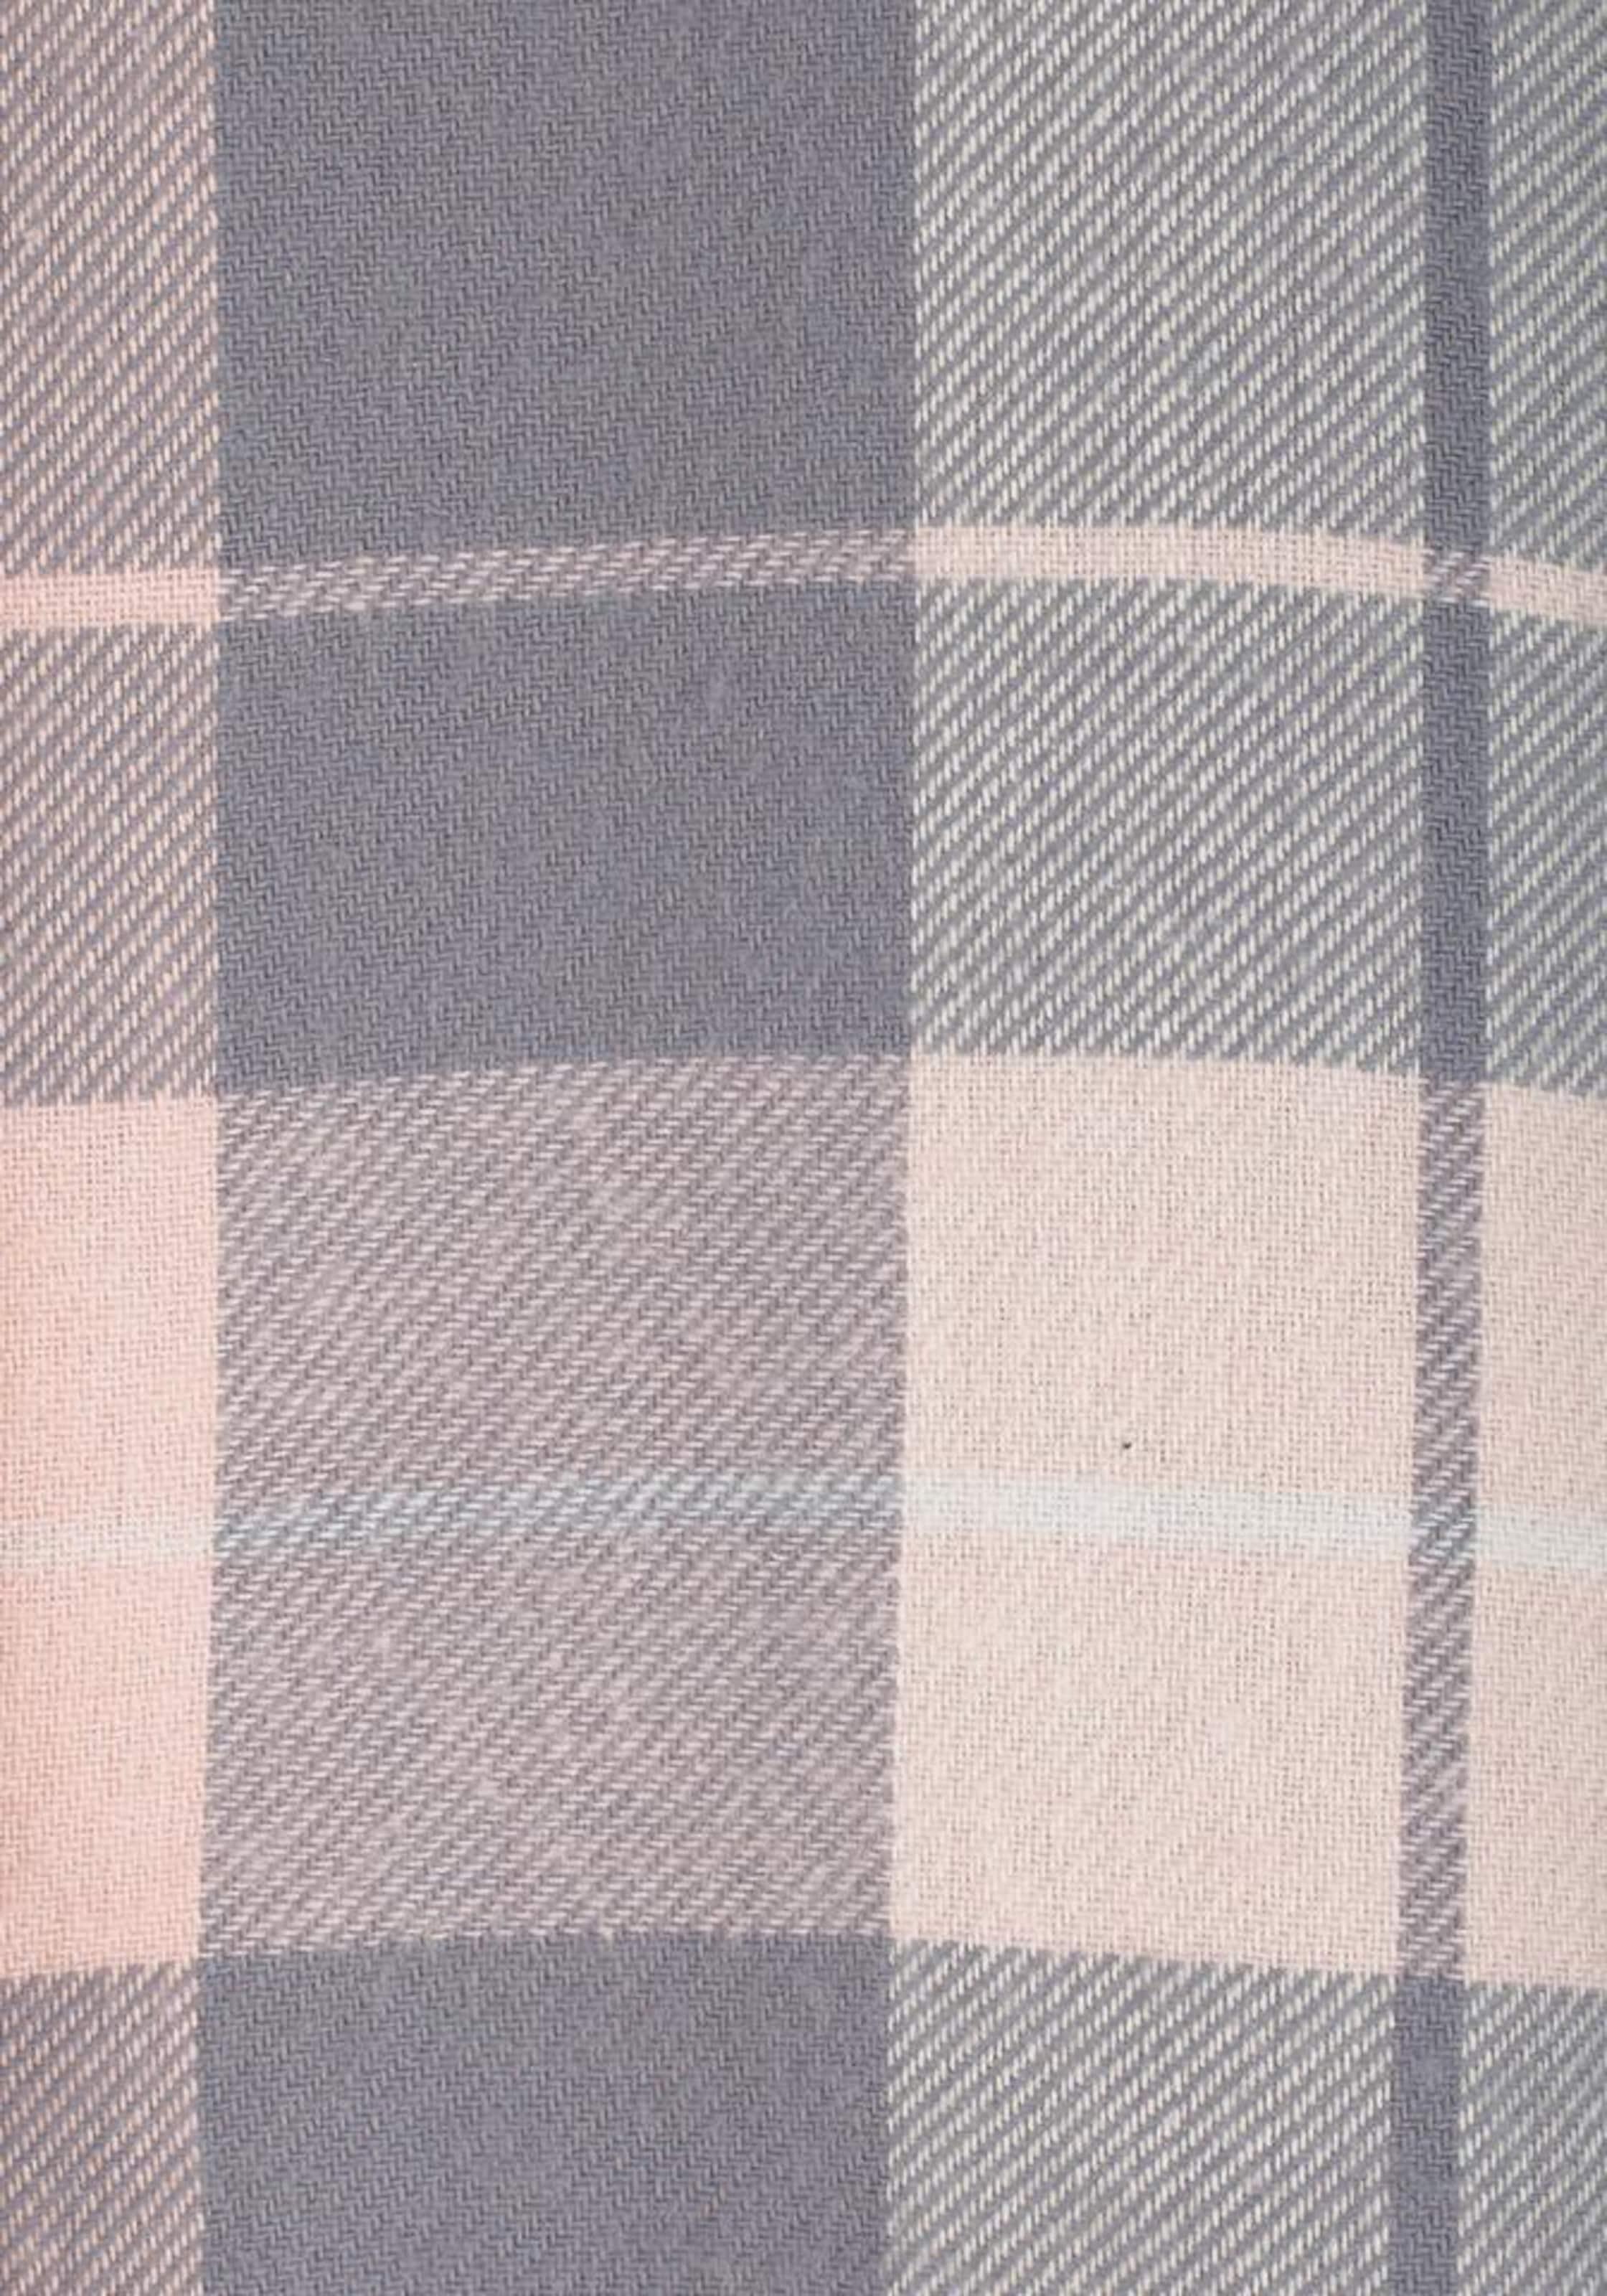 H.I.S Nachthemd Shop Für Verkauf Suche Nach Online Billig Authentisch Rabatt Billig u6loa4